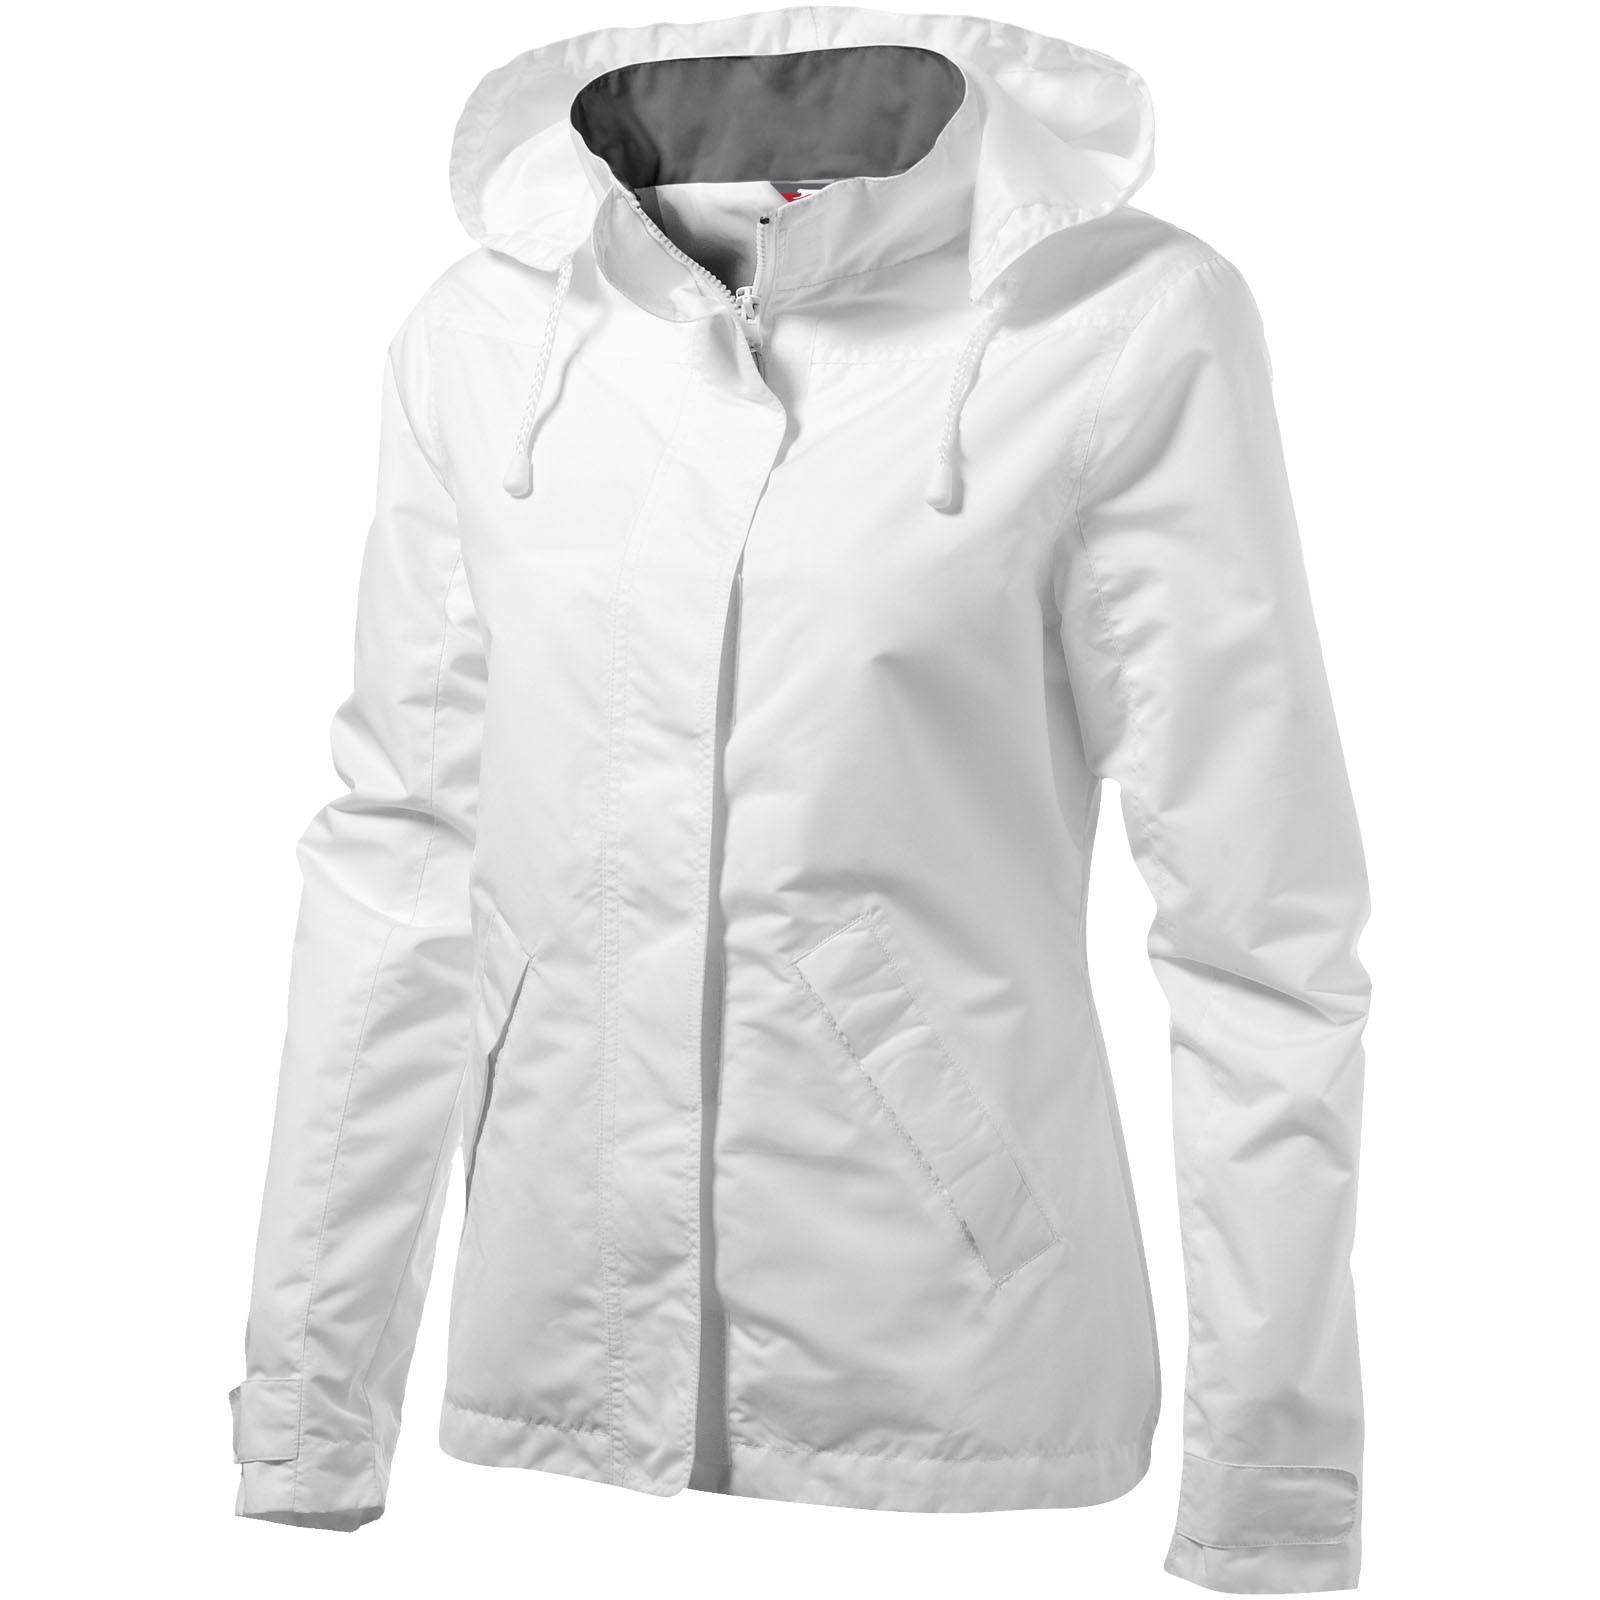 Top Spin ladies jacket - White / M